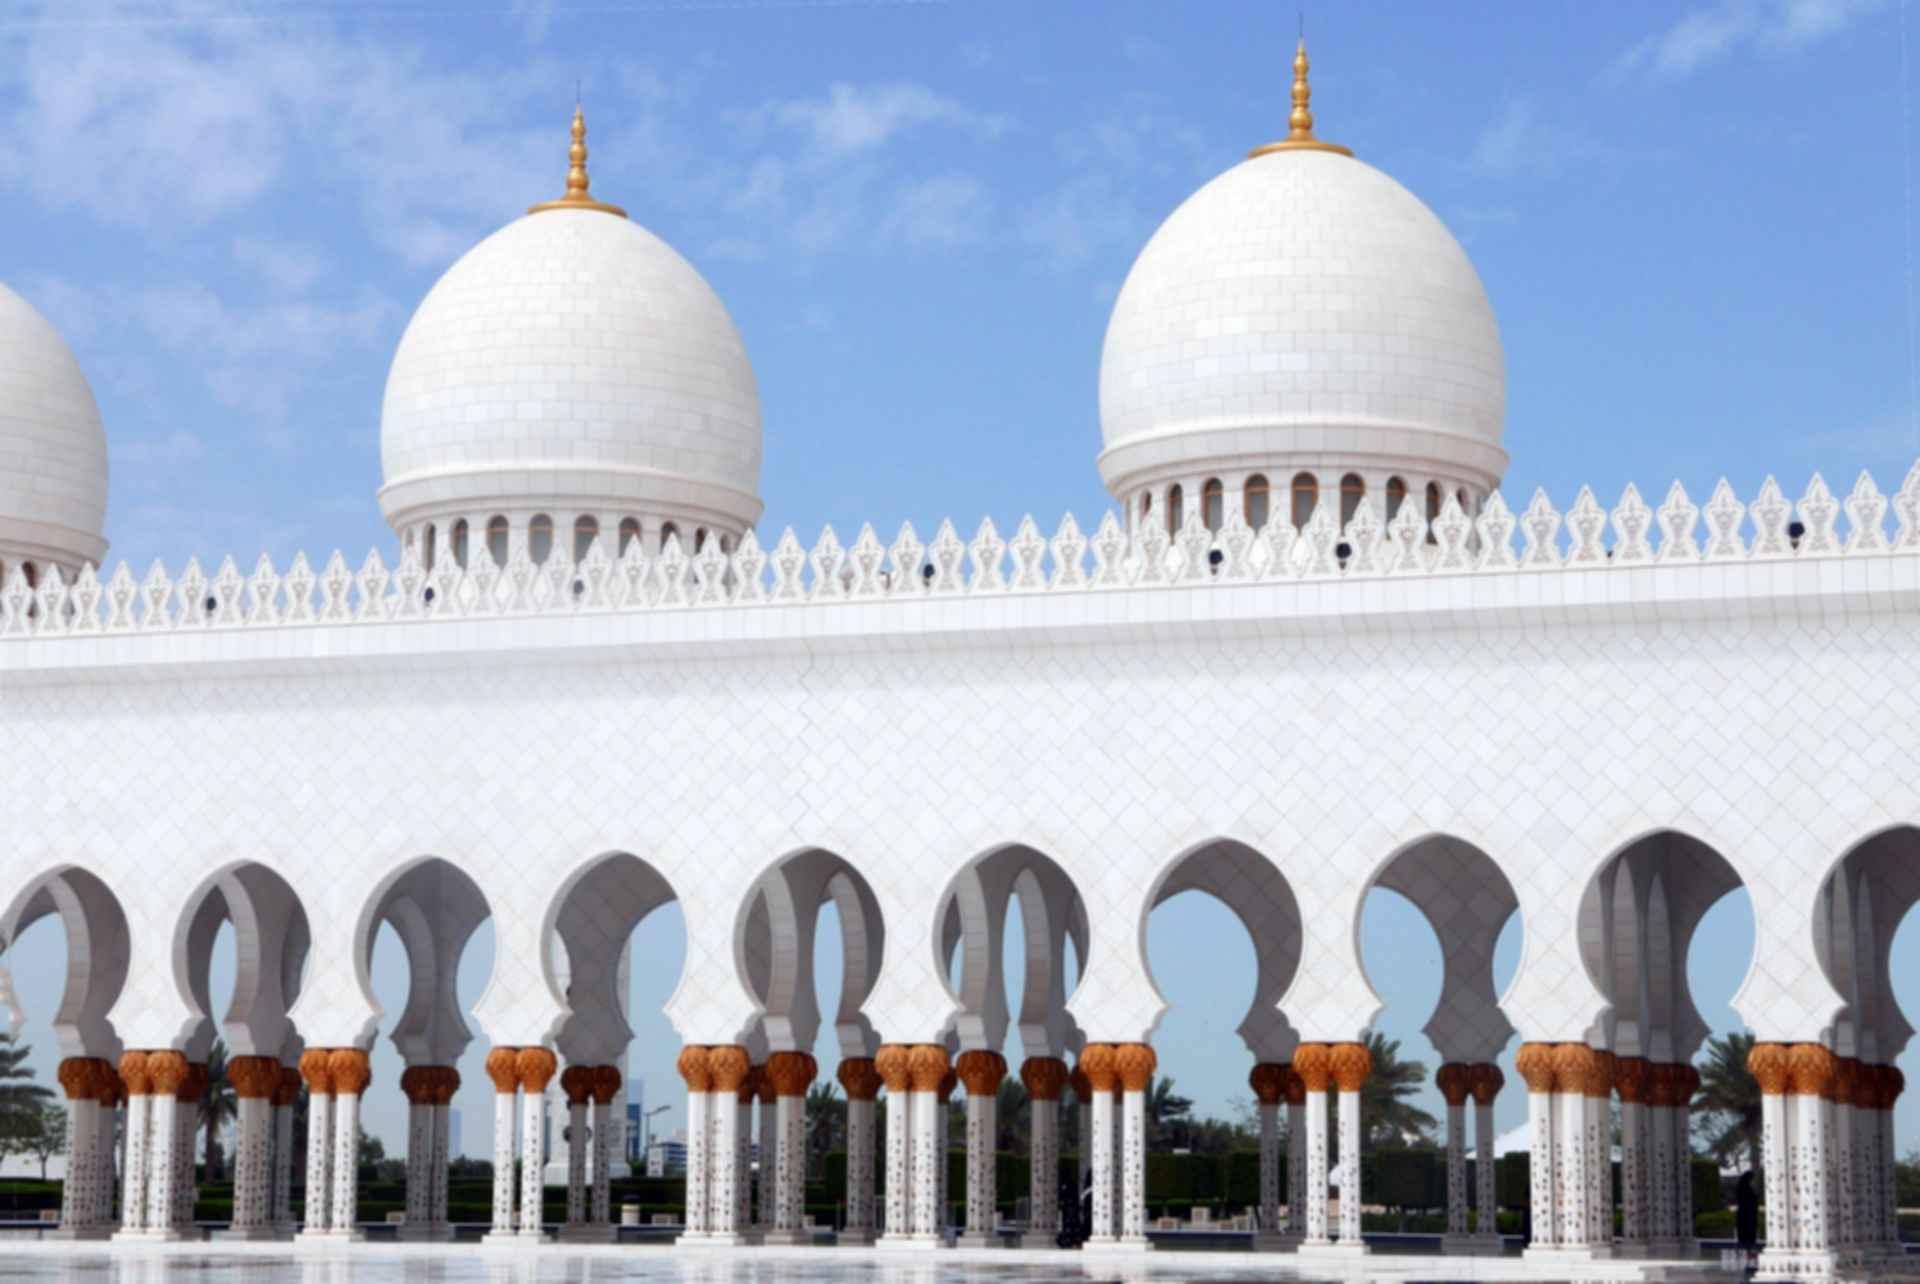 Sheikh Zayed Grand Mosque - Exterior